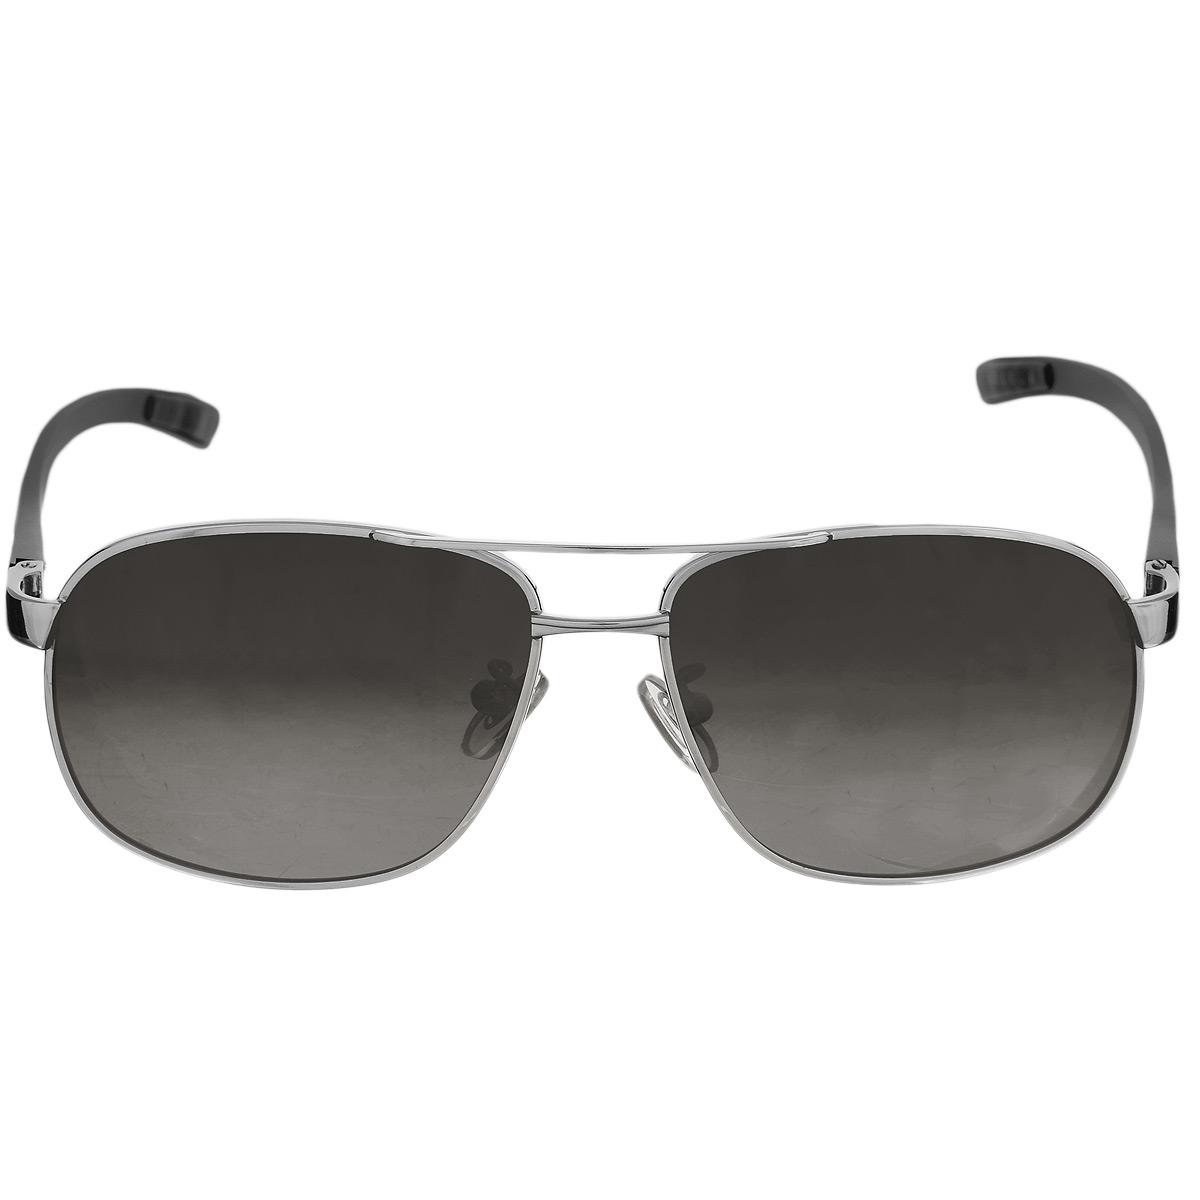 Солнцезащитные очки мужские Selena, цвет: черный. 80031841BM8434-58AEСолнцезащитные мужские очки Selena, выполненные с линзами из высококачественного пластика PC с зеркальным эффектом fresh mirror.Используемый пластик не искажает изображение, не подвержен нагреванию и вредному воздействию солнечных лучей. Линзы данных очков с высокоэффективным UV-фильтром обеспечивают полную защиту от ультрафиолетовых лучей. Металлическая оправа очков легкая, прилегающей формы и поэтому не создает никакого дискомфорта.Такие очки защитят глаза от ультрафиолетовых лучей, подчеркнут вашу индивидуальность и сделают ваш образ завершенным.